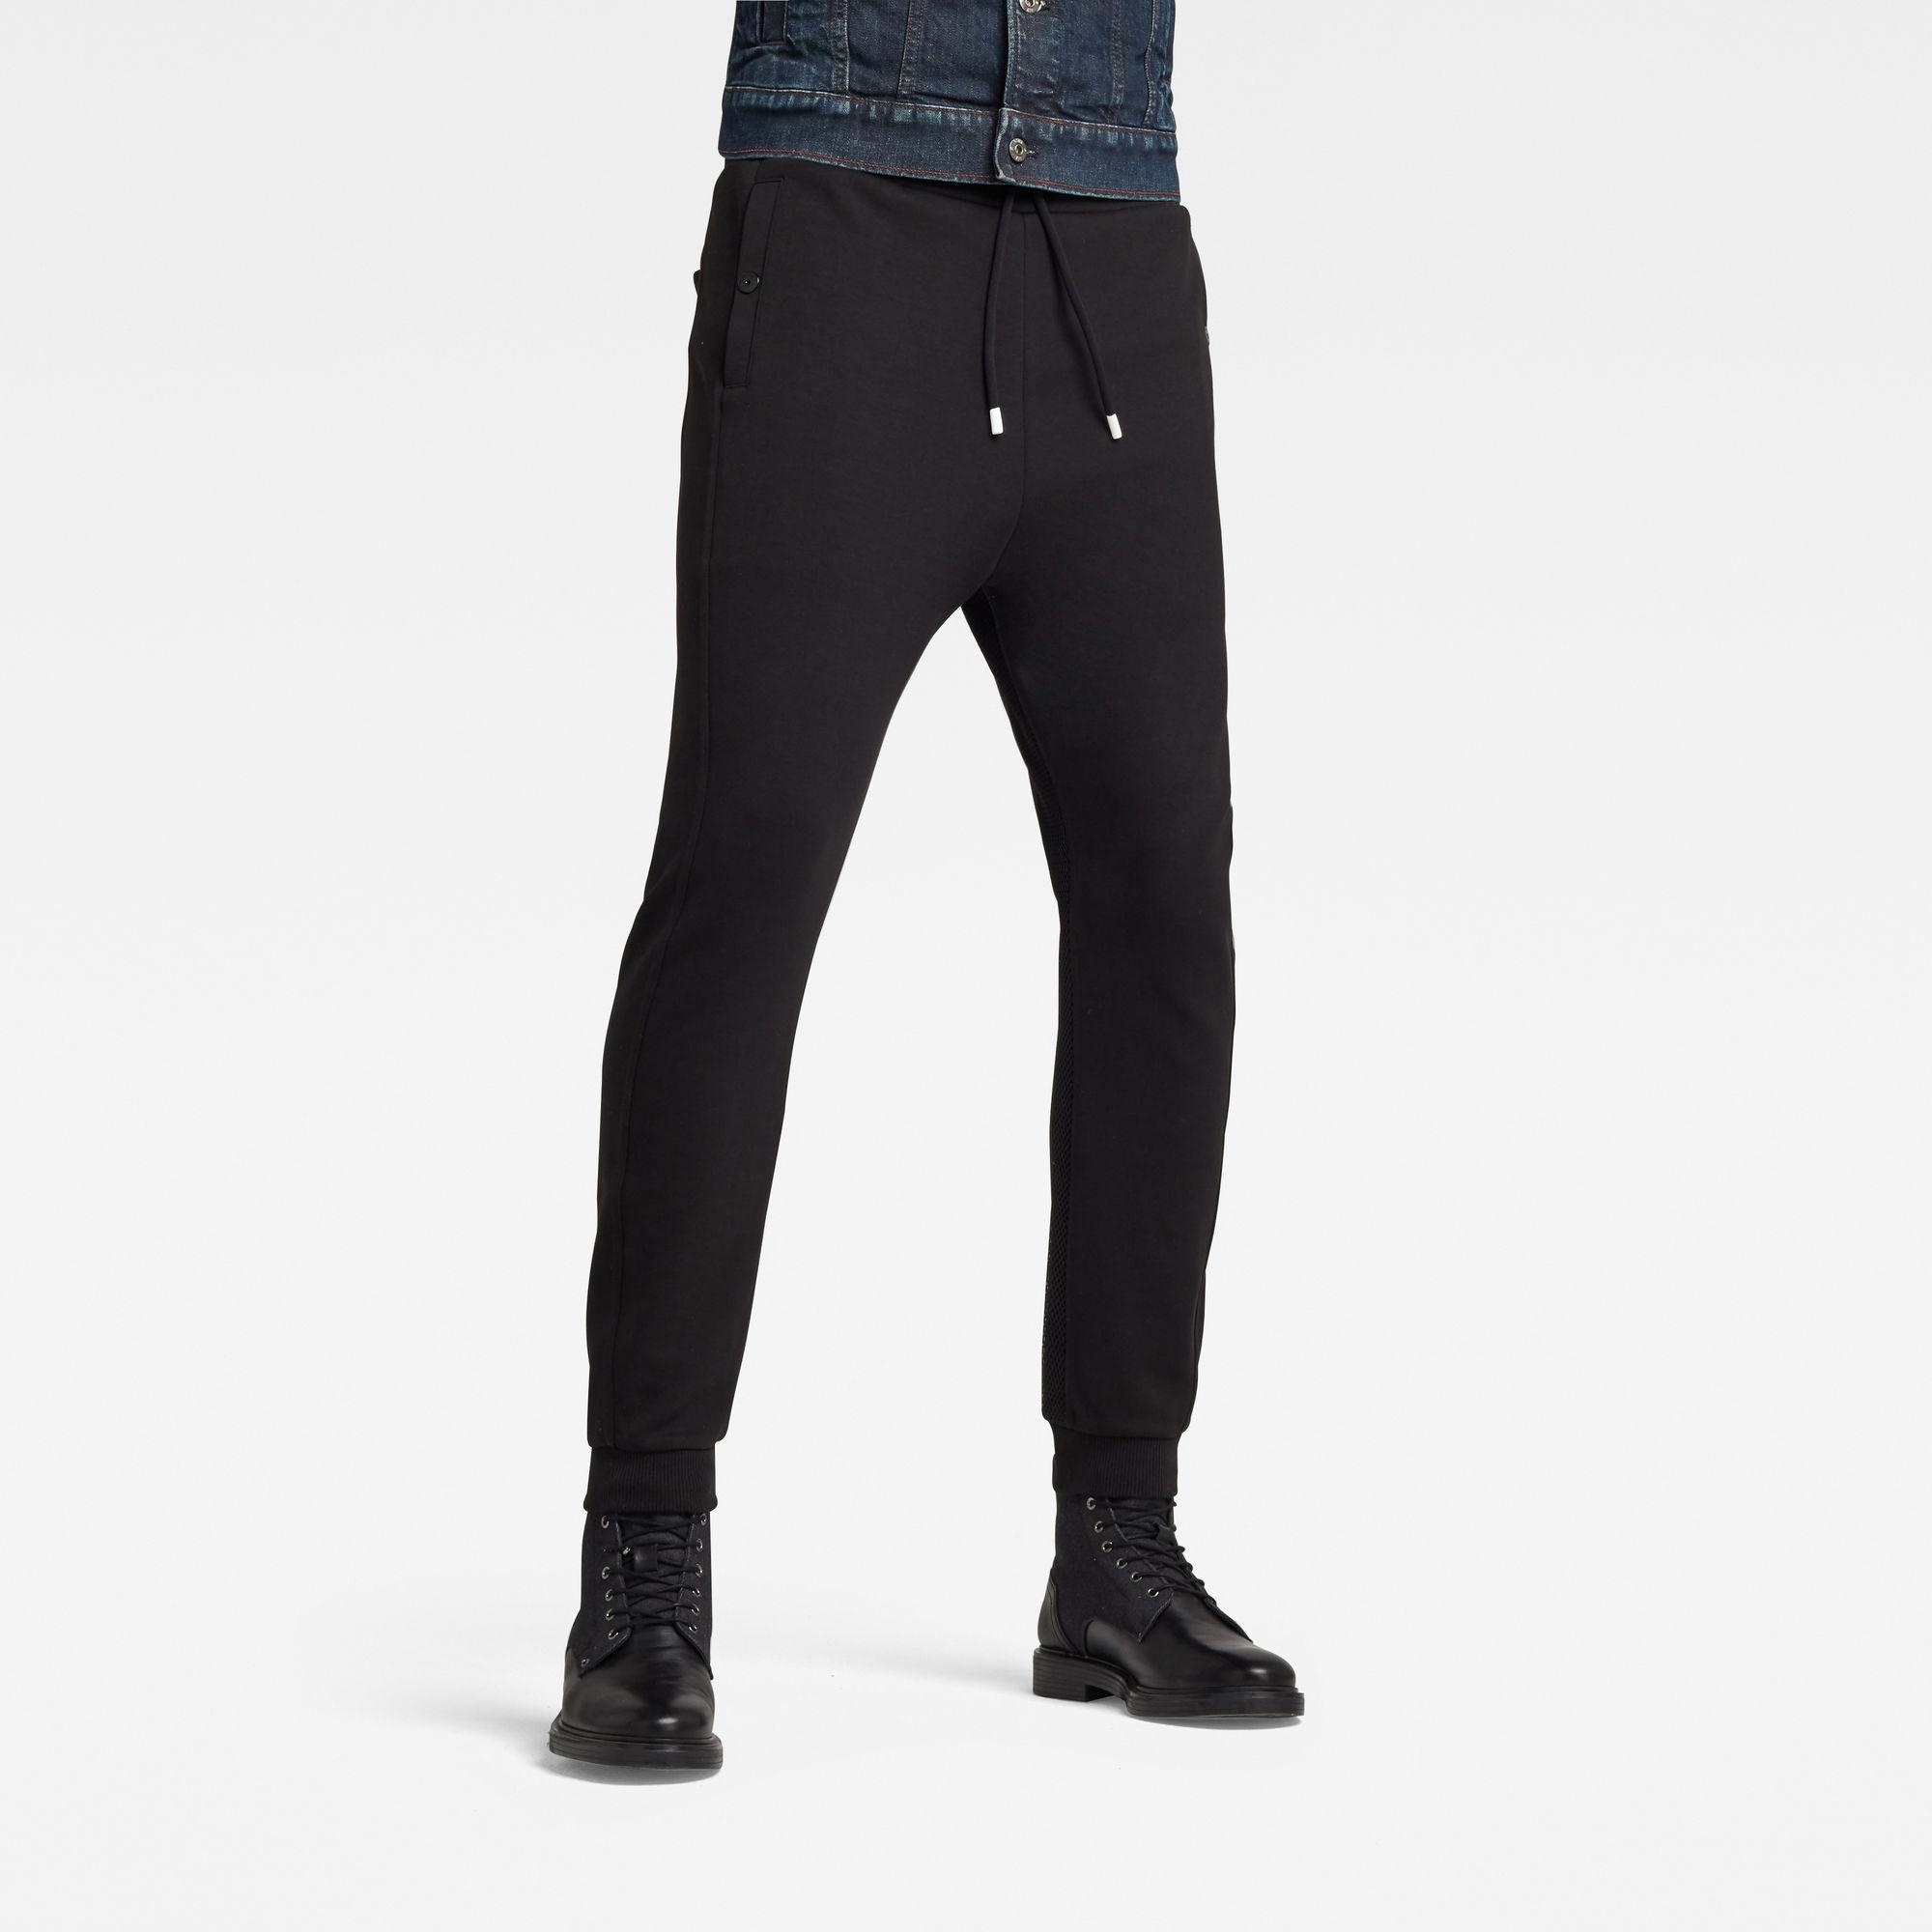 G-Star RAW Heren Moto Mixed Mesh Sweatpants Zwart